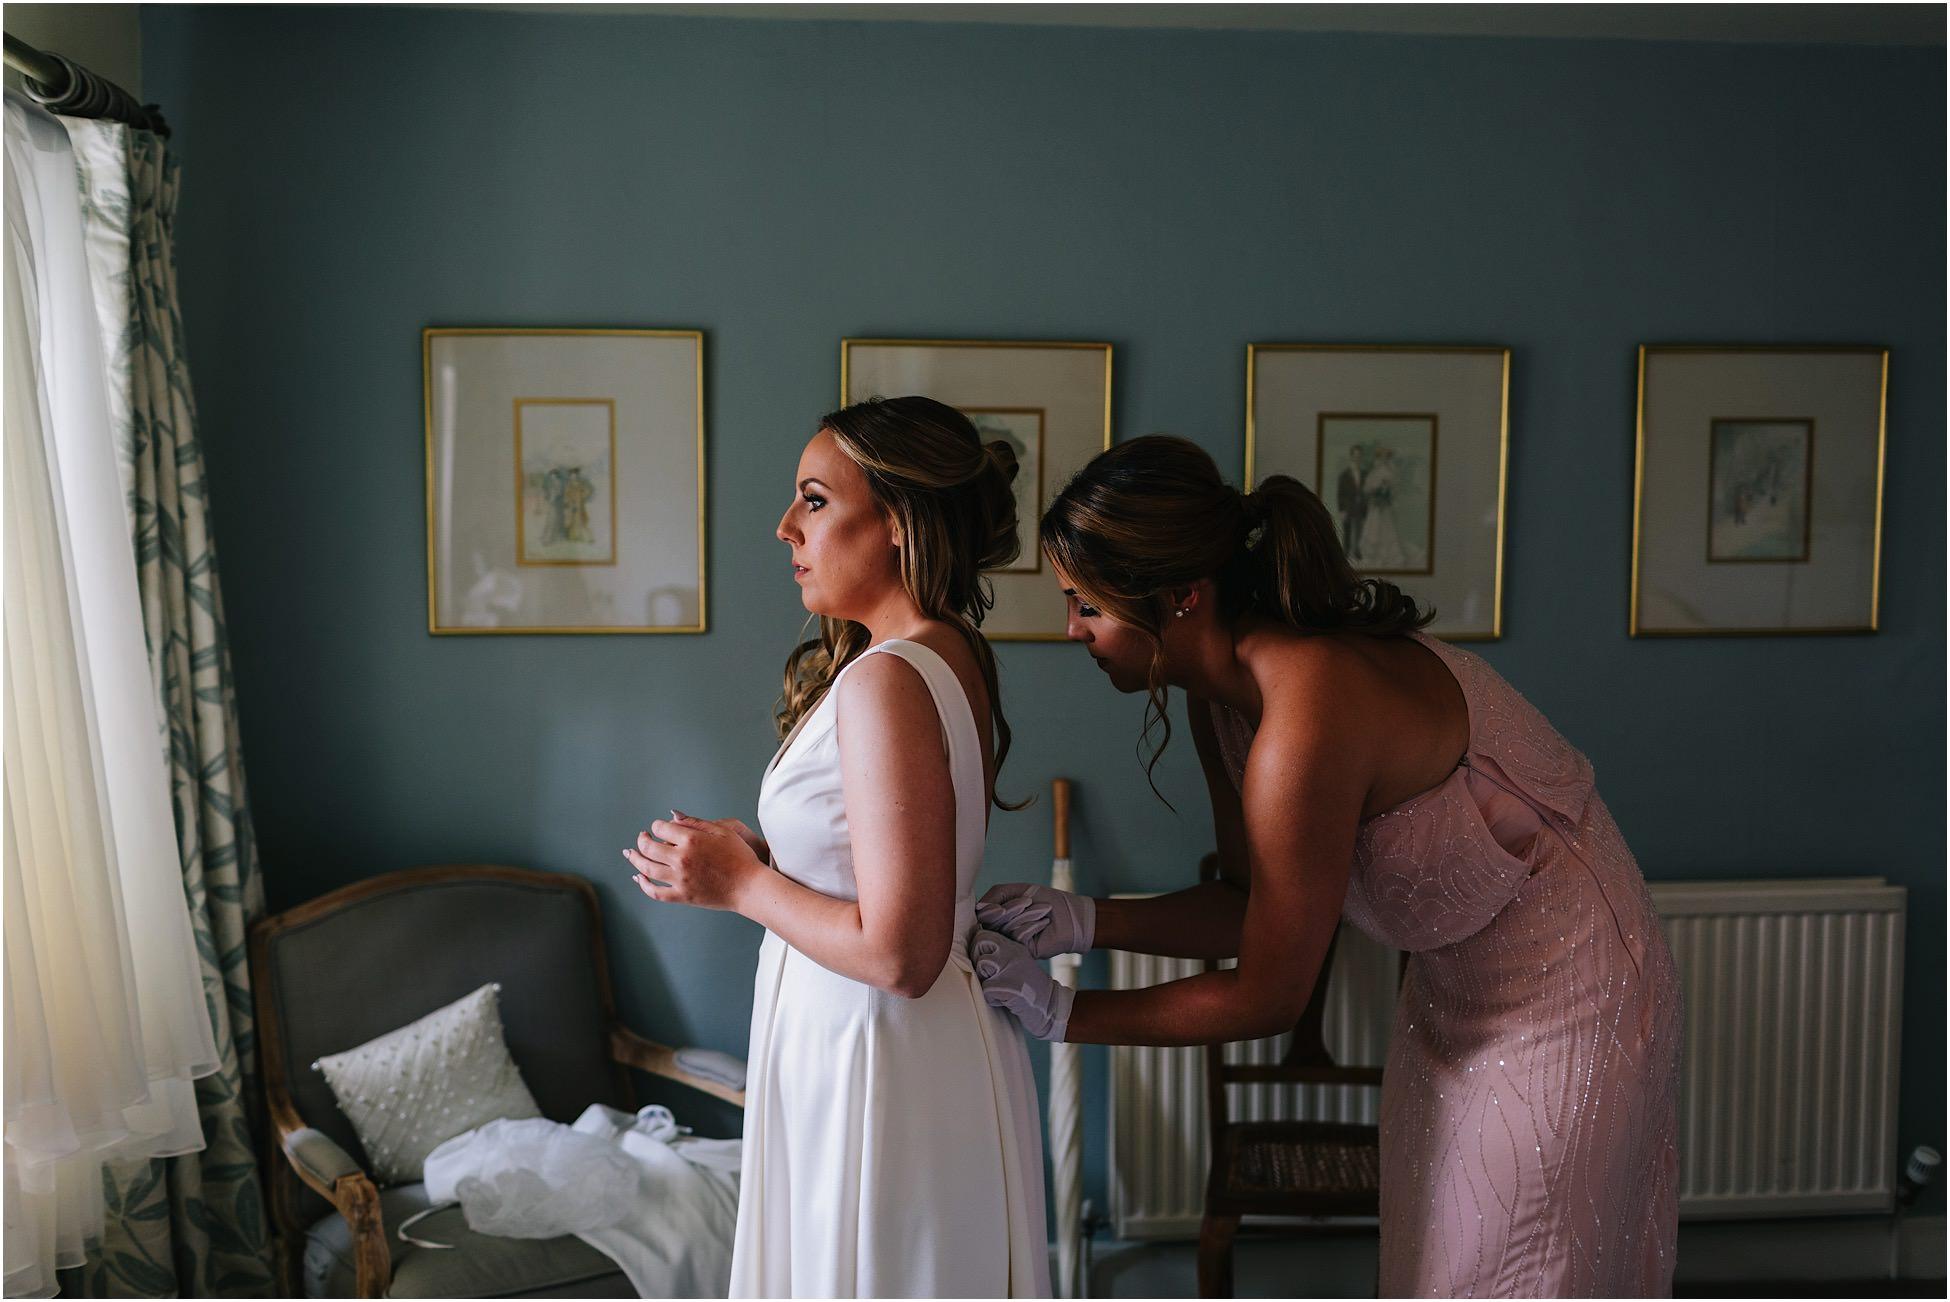 Nervous bride gets her dress on